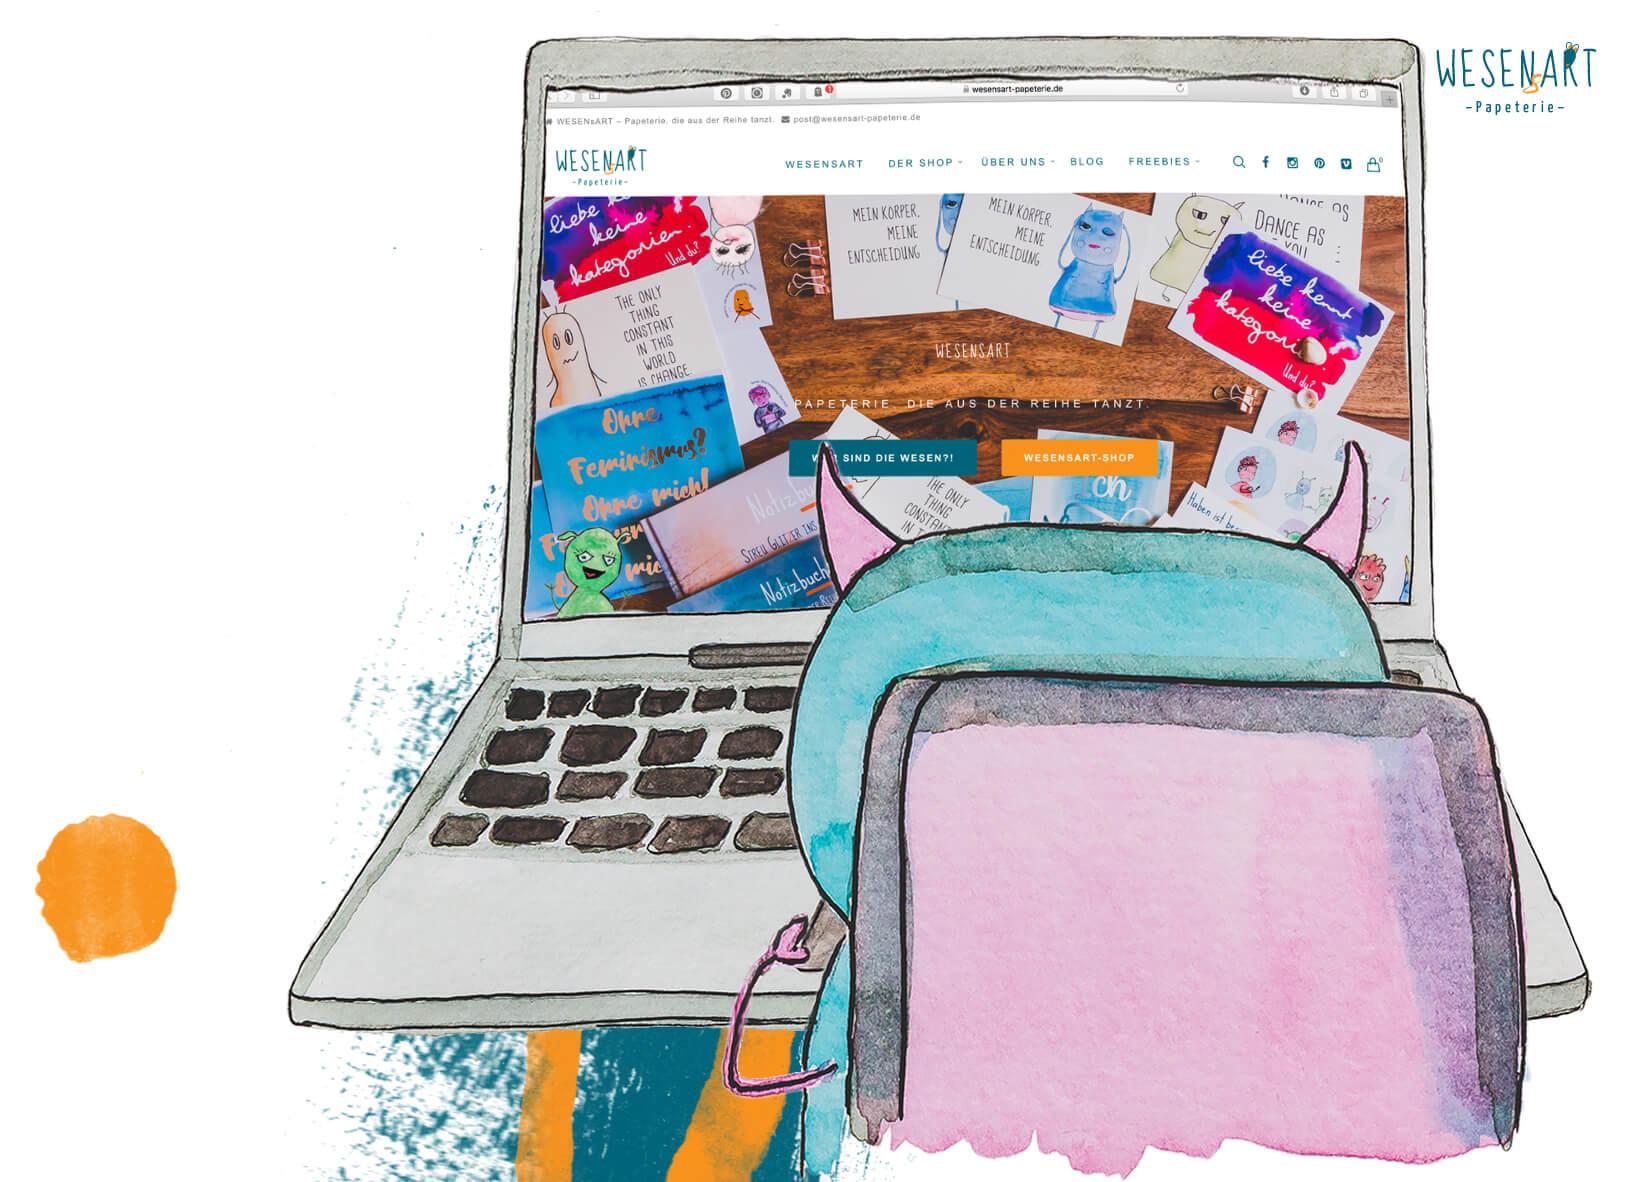 WESENsART: Robyn vor einem Laptop und schaut sich die WESENsART-Website an.